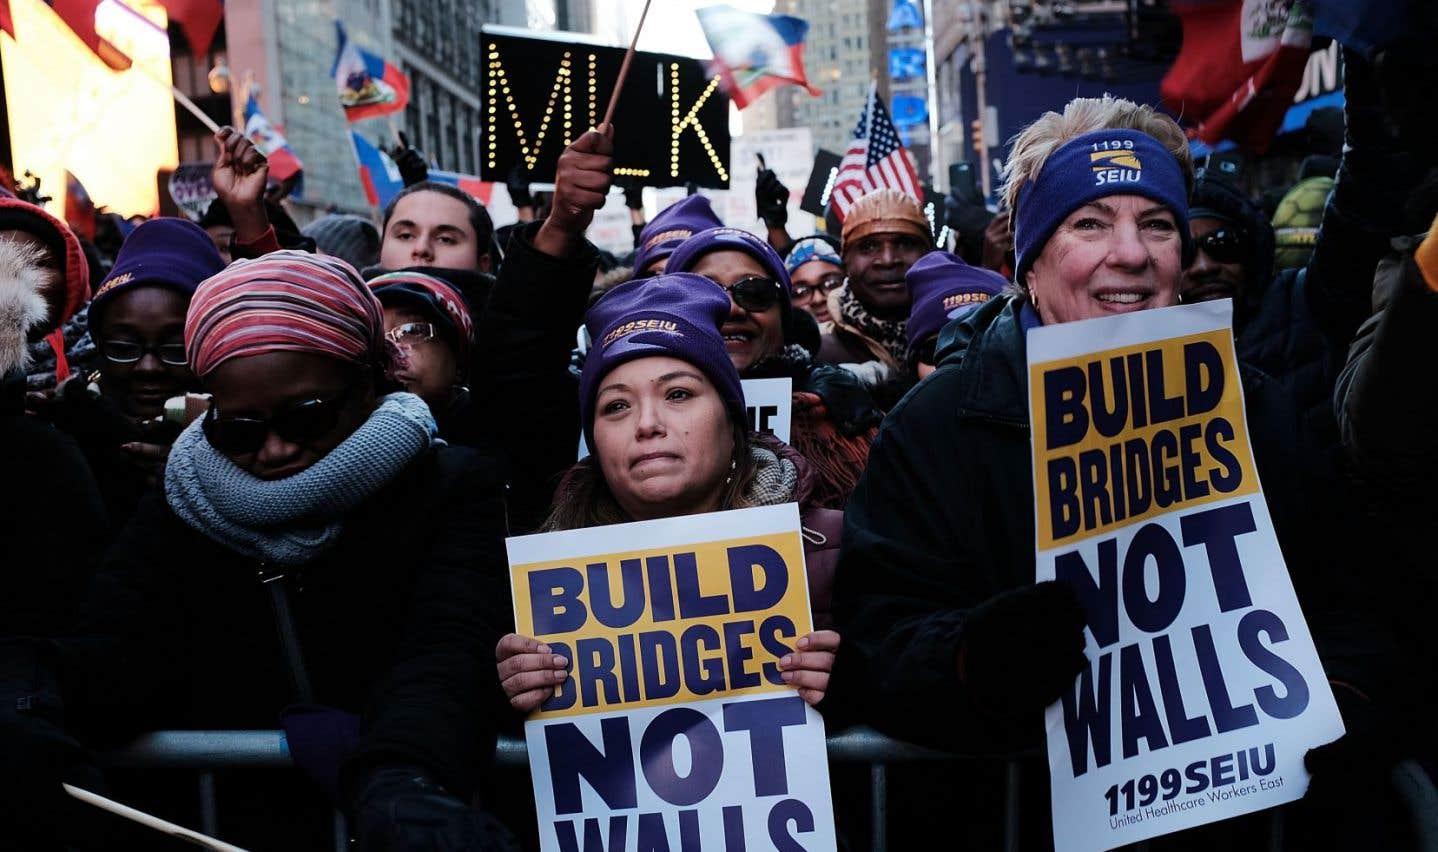 Des centaines de personnes manifestent à Times Square le jour de Martin Luther King, le 15 janvier dernier.